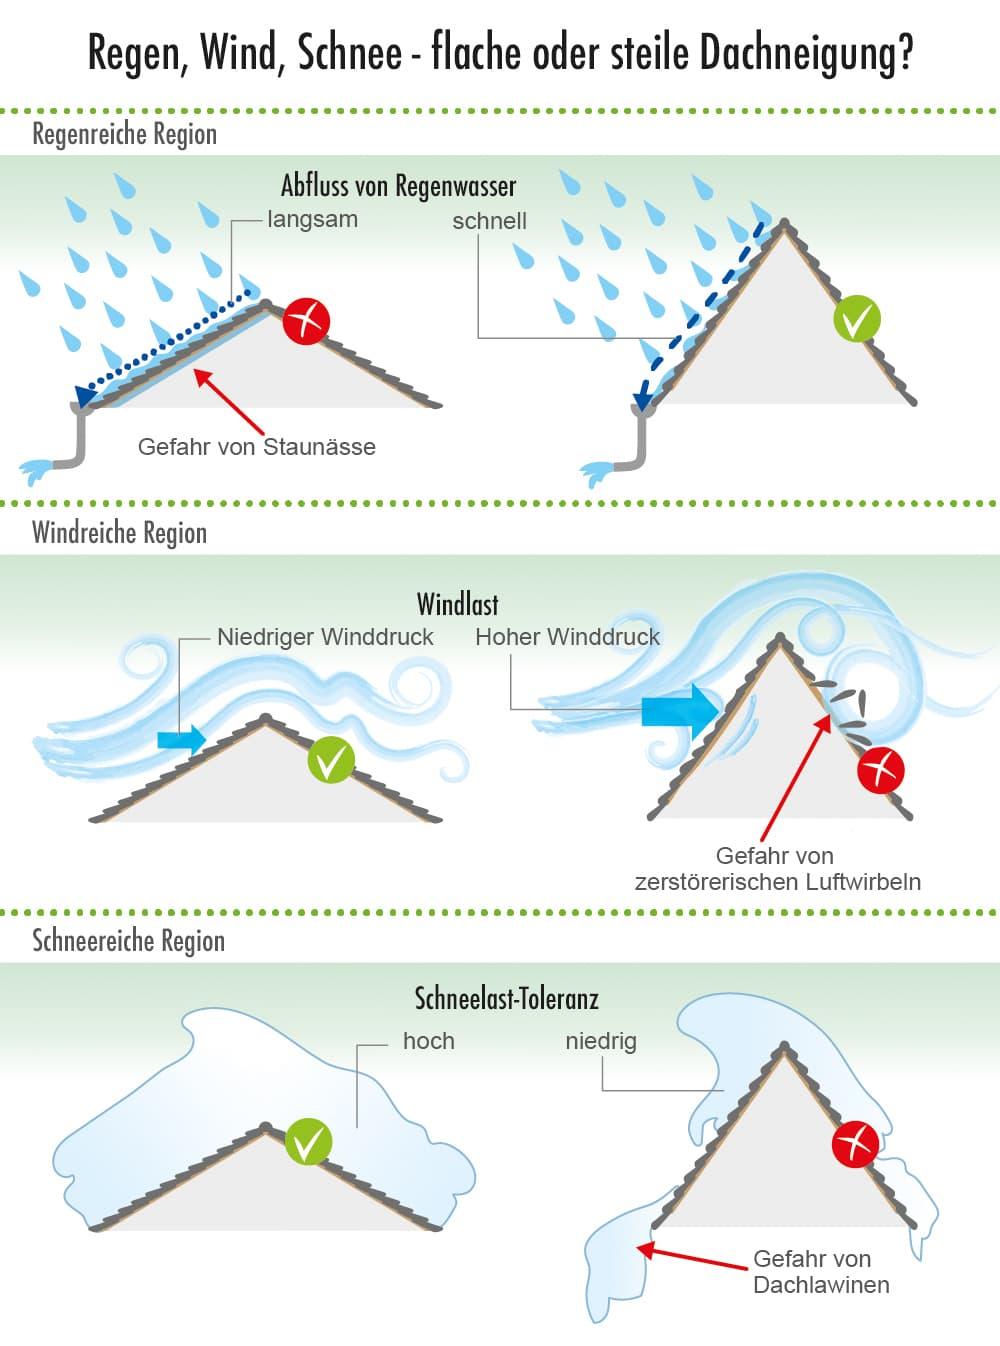 Steildach: Flache oder steile Dachneigung?